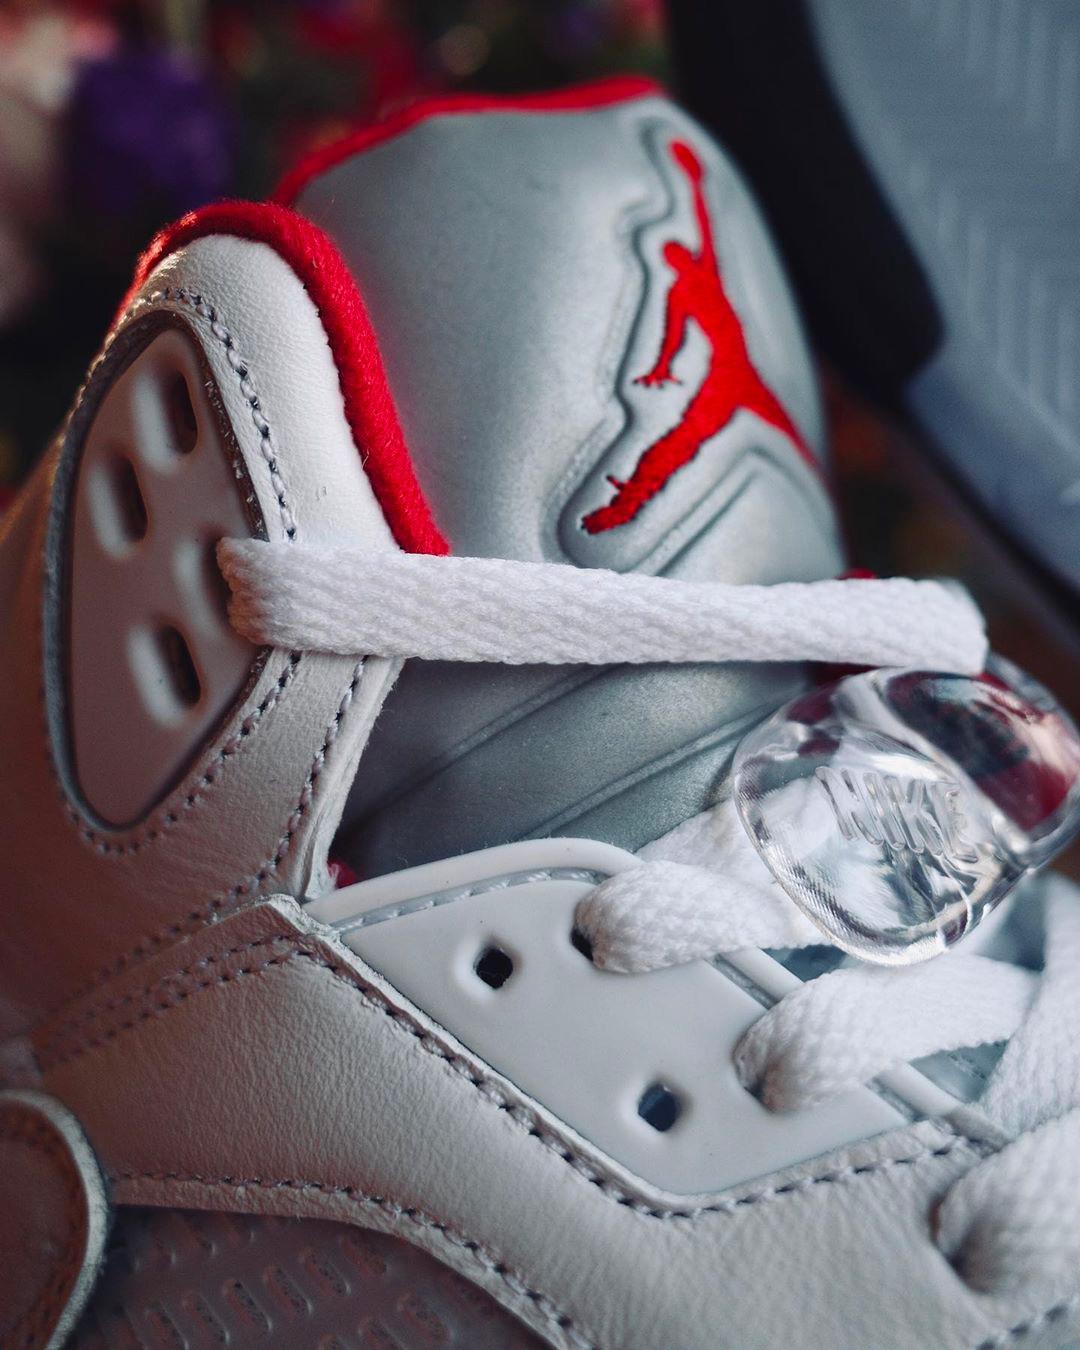 DA1911-102,AJ5,Air Jordan 5 DA1911-102 今年最值得买的 OG 复刻!就是这双「流川枫」同款!